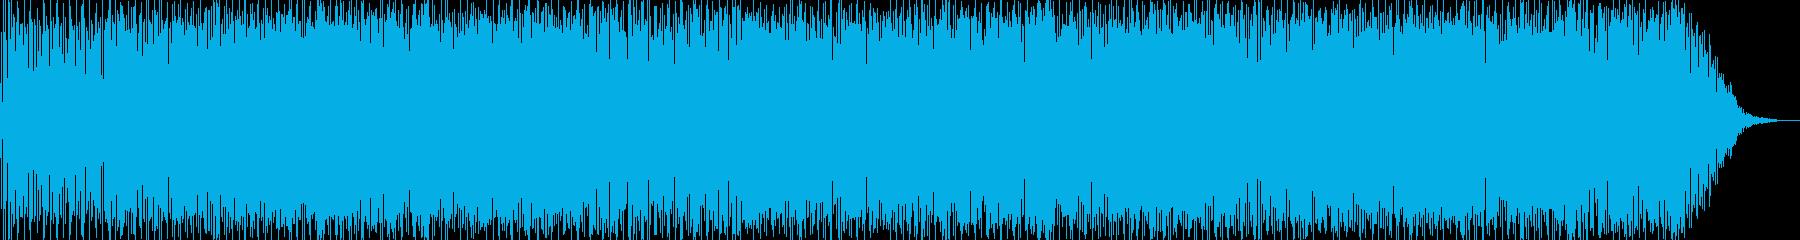 スキャットソウルジャズの再生済みの波形